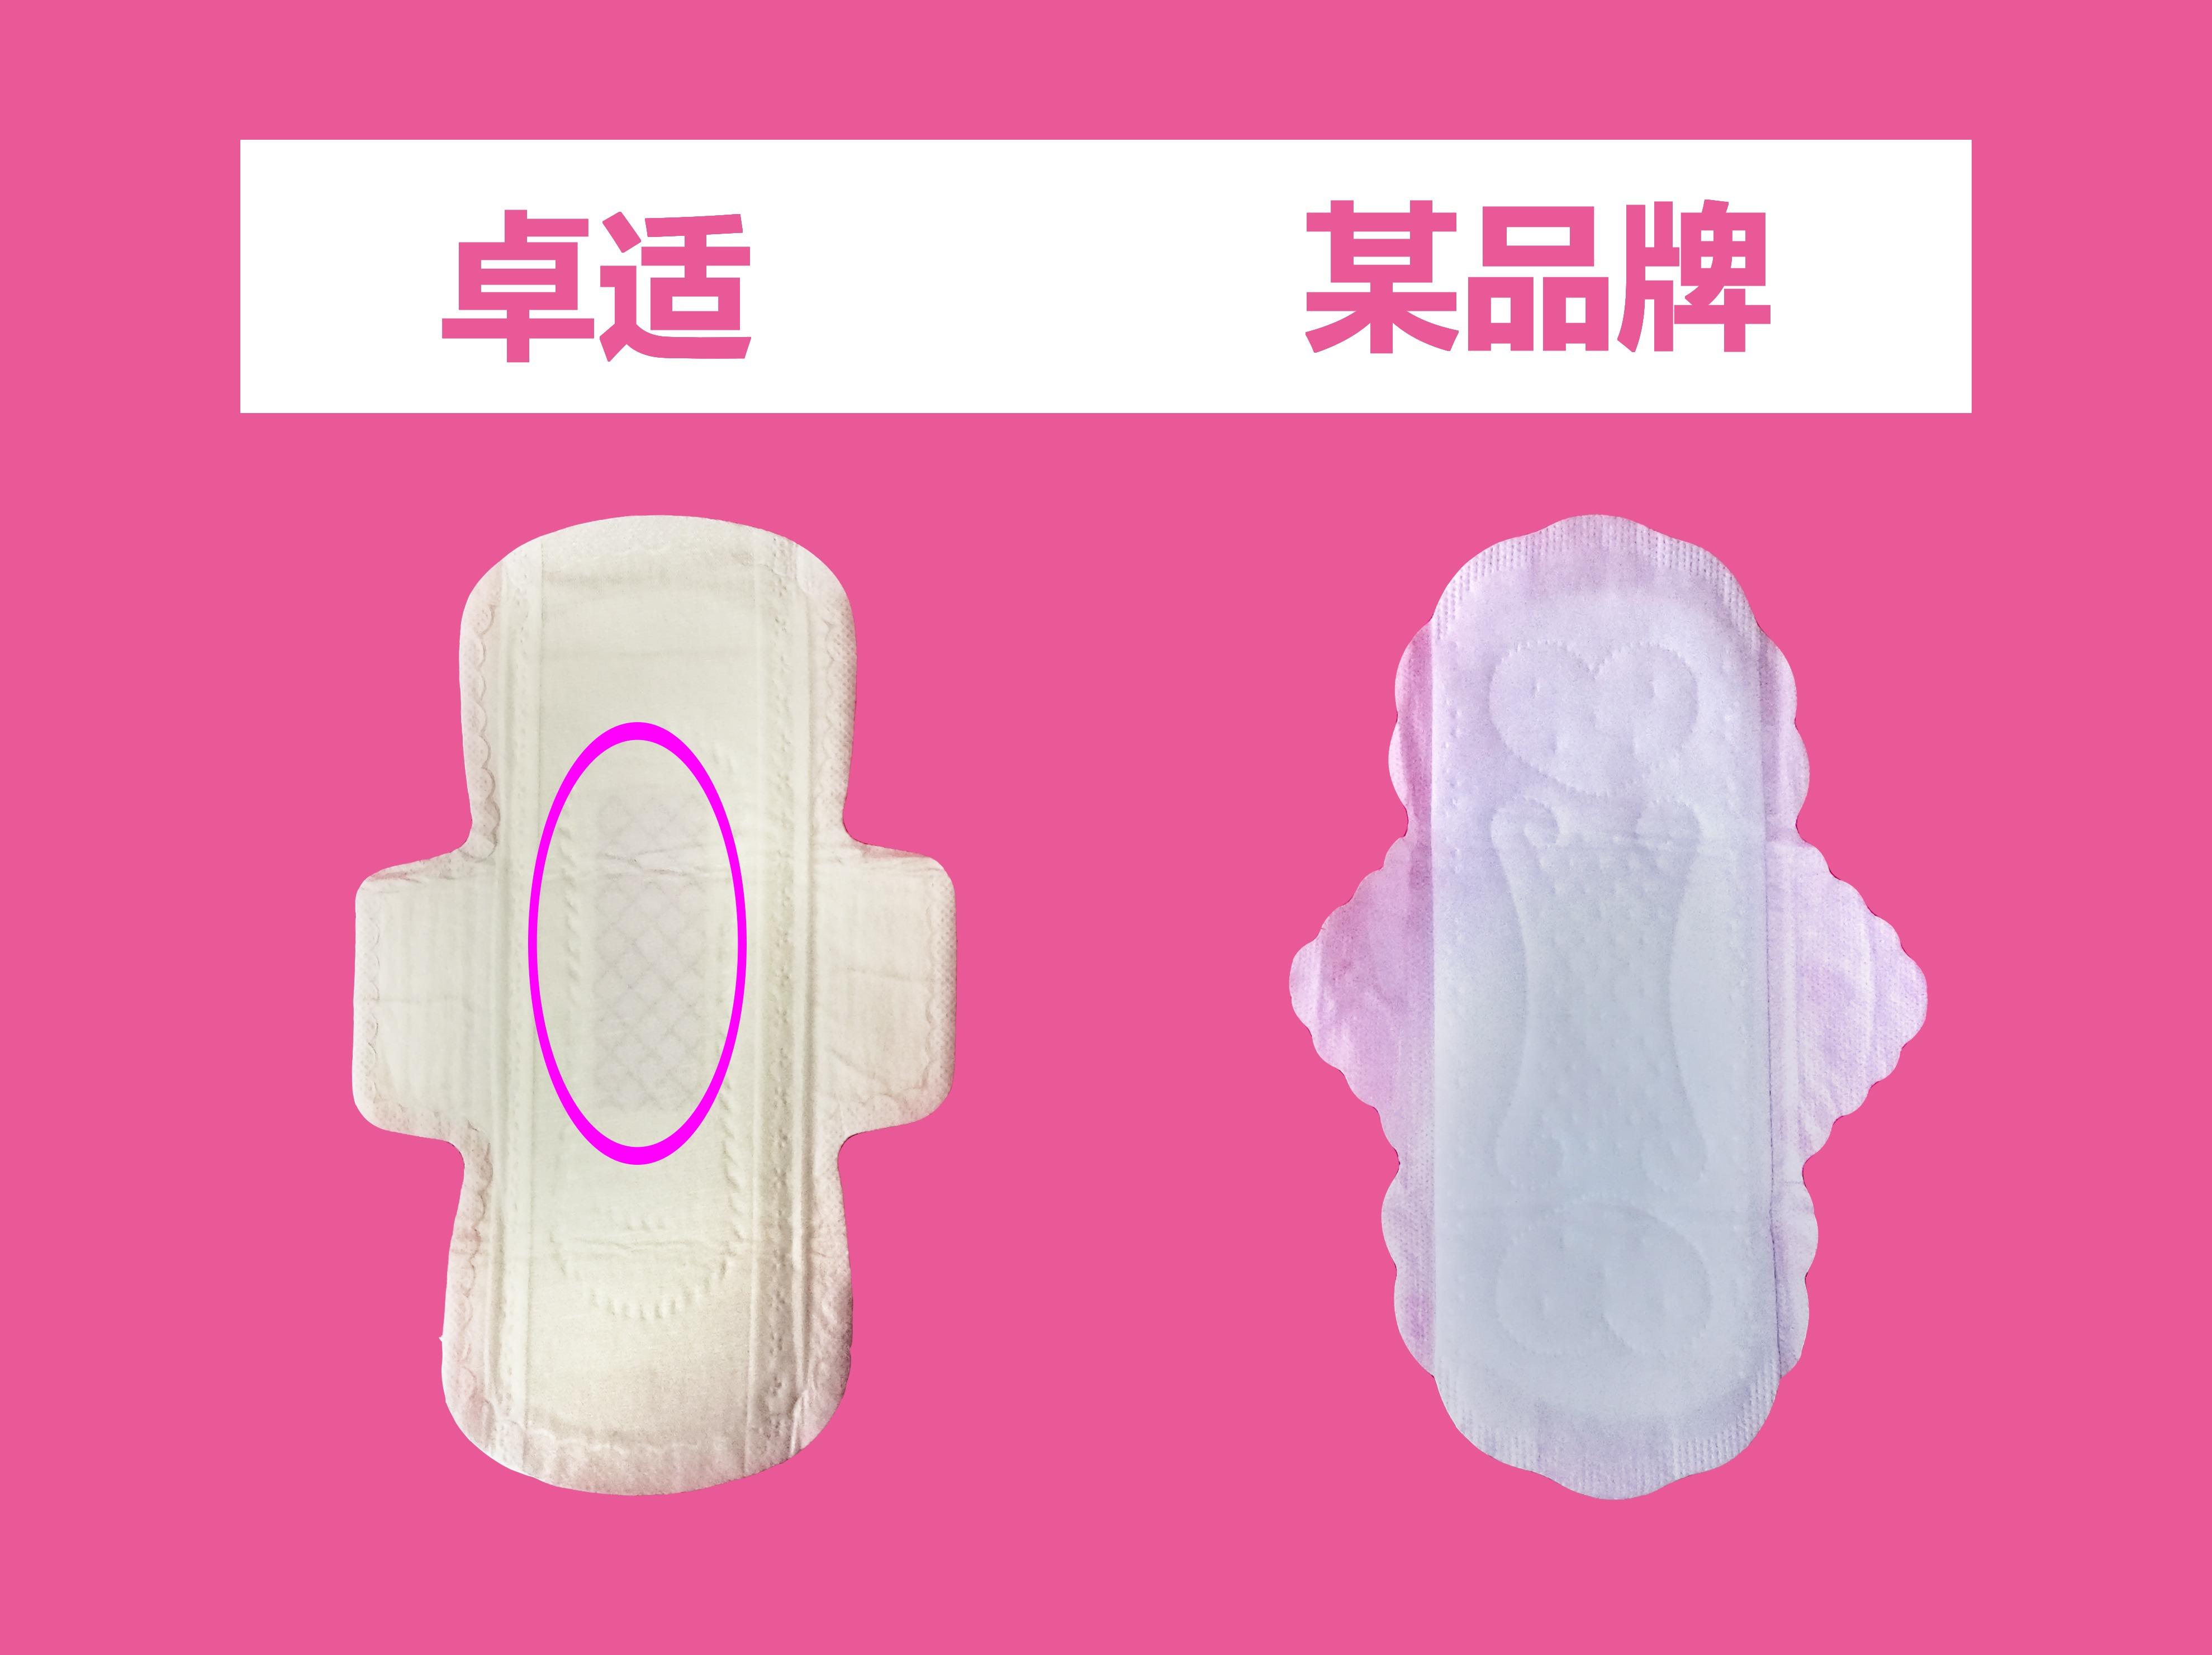 4111--011--芯片对比-中文